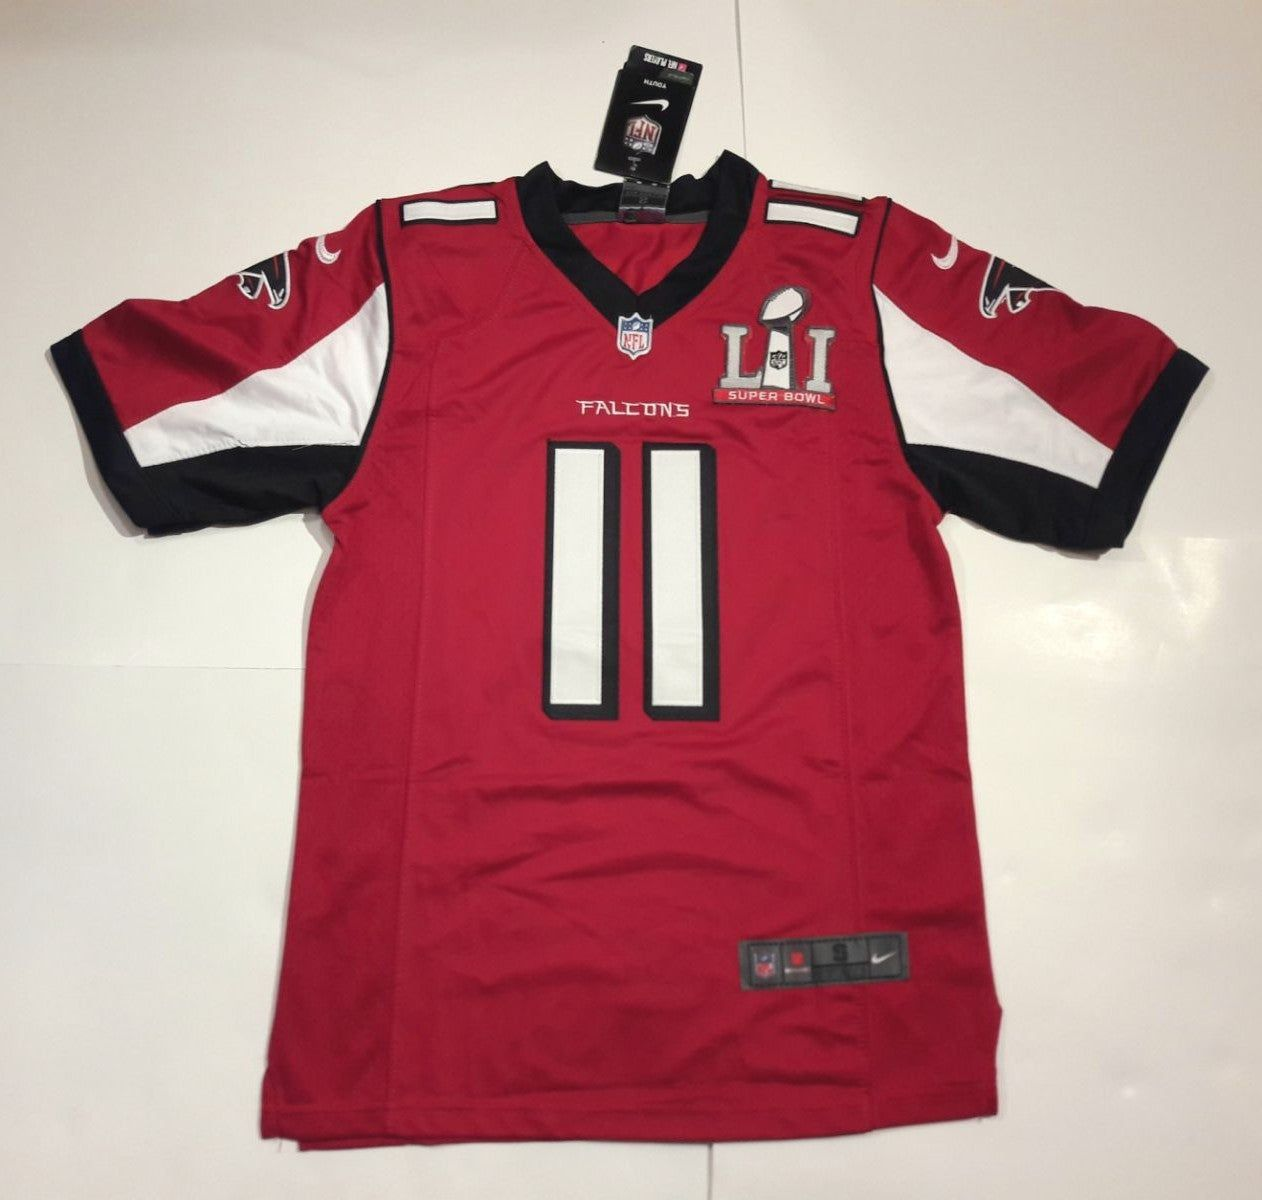 julio jones stitched jersey